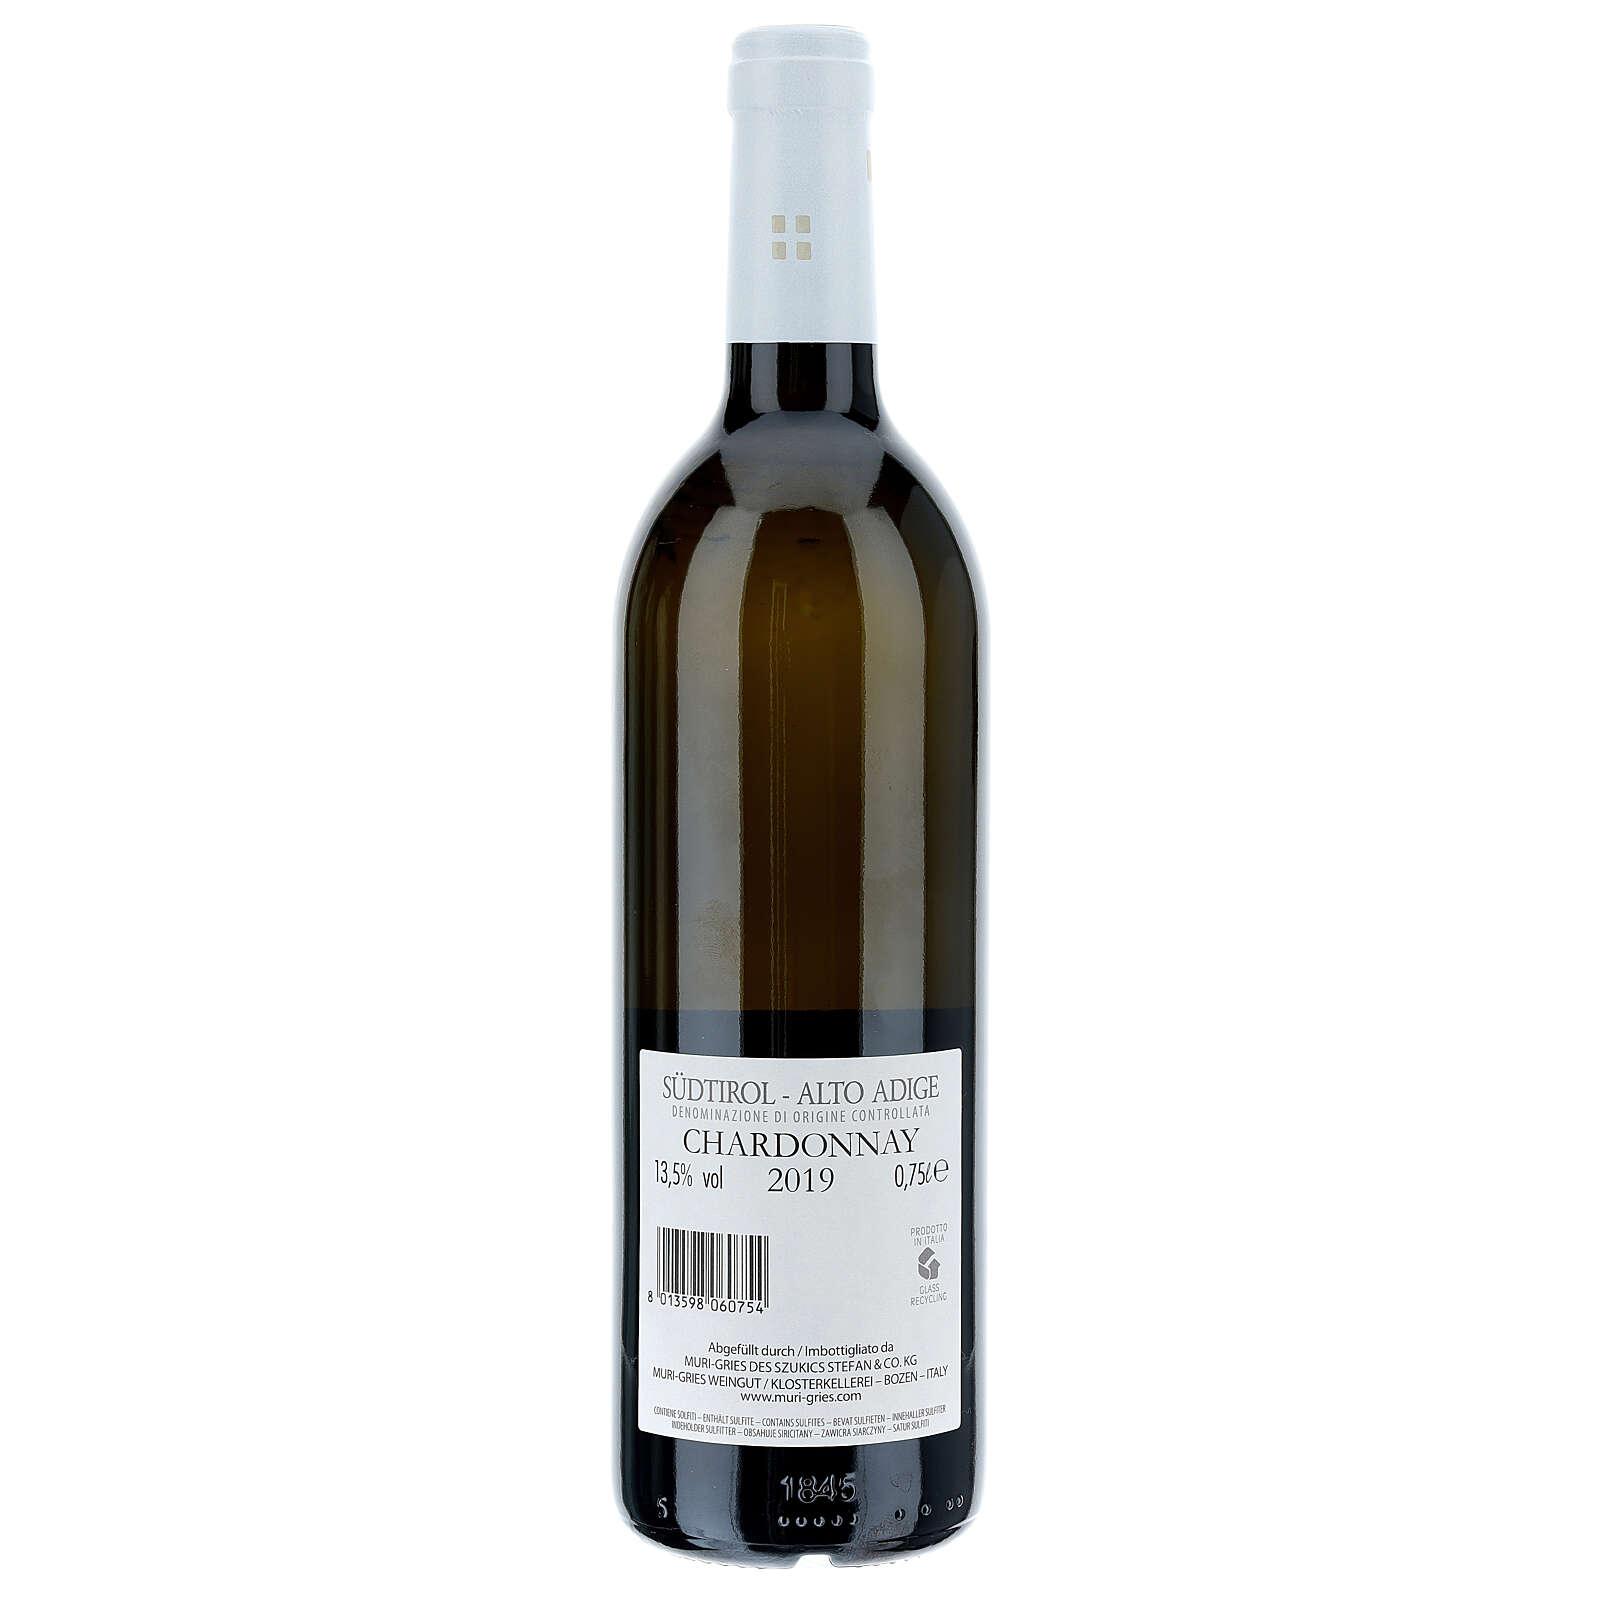 Chardonnay Wein Abtei Muri Gries 2019 3